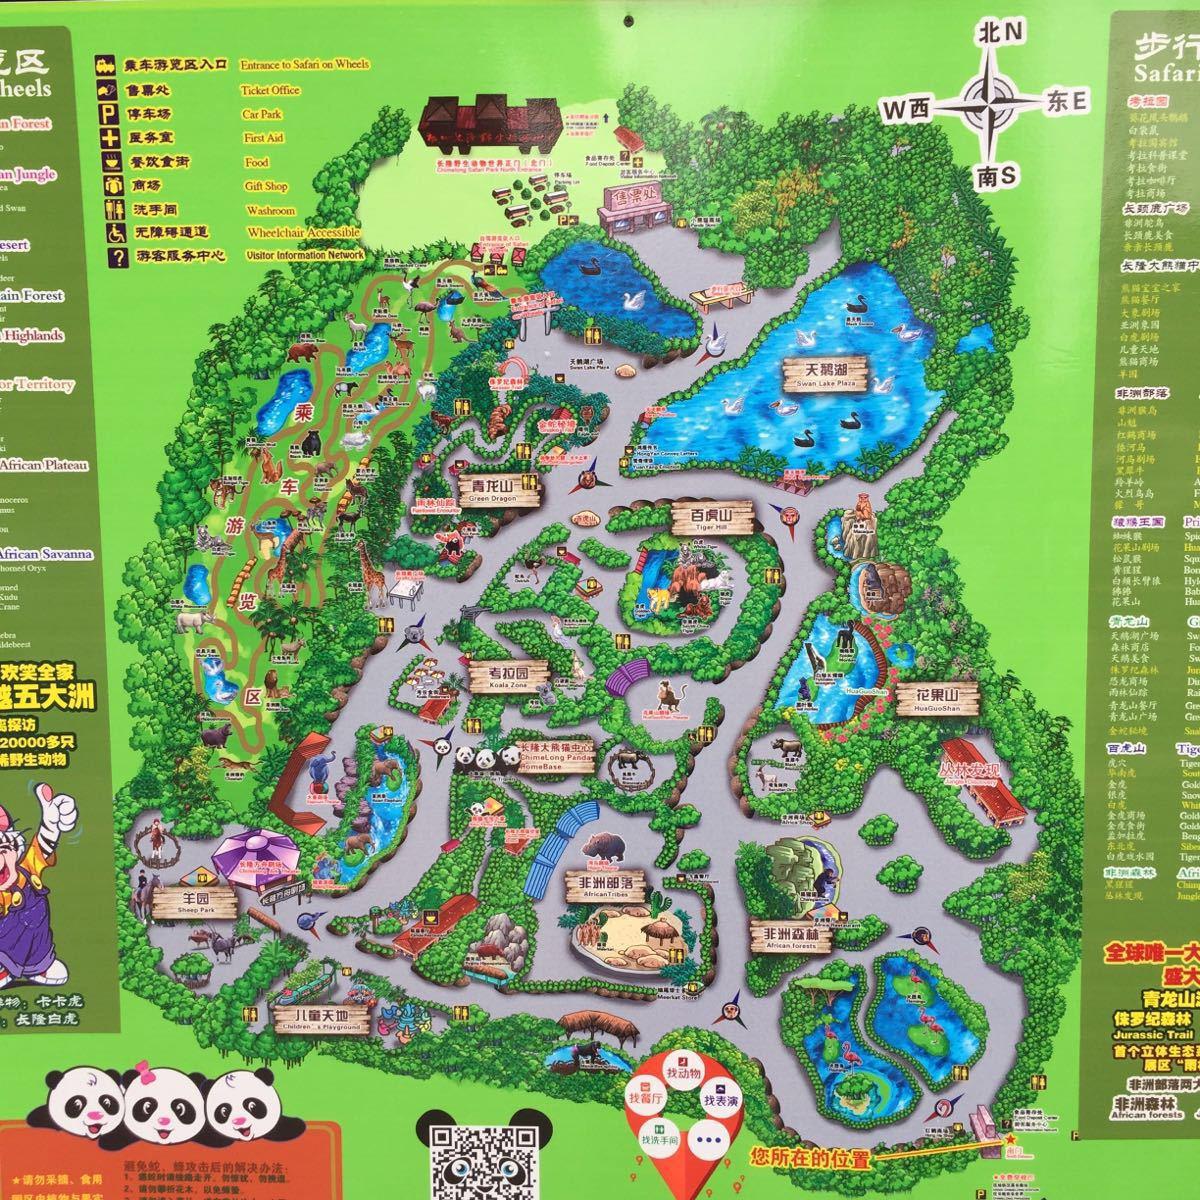 【携程攻略】广东长隆野生动物世界景点,园区布置很.